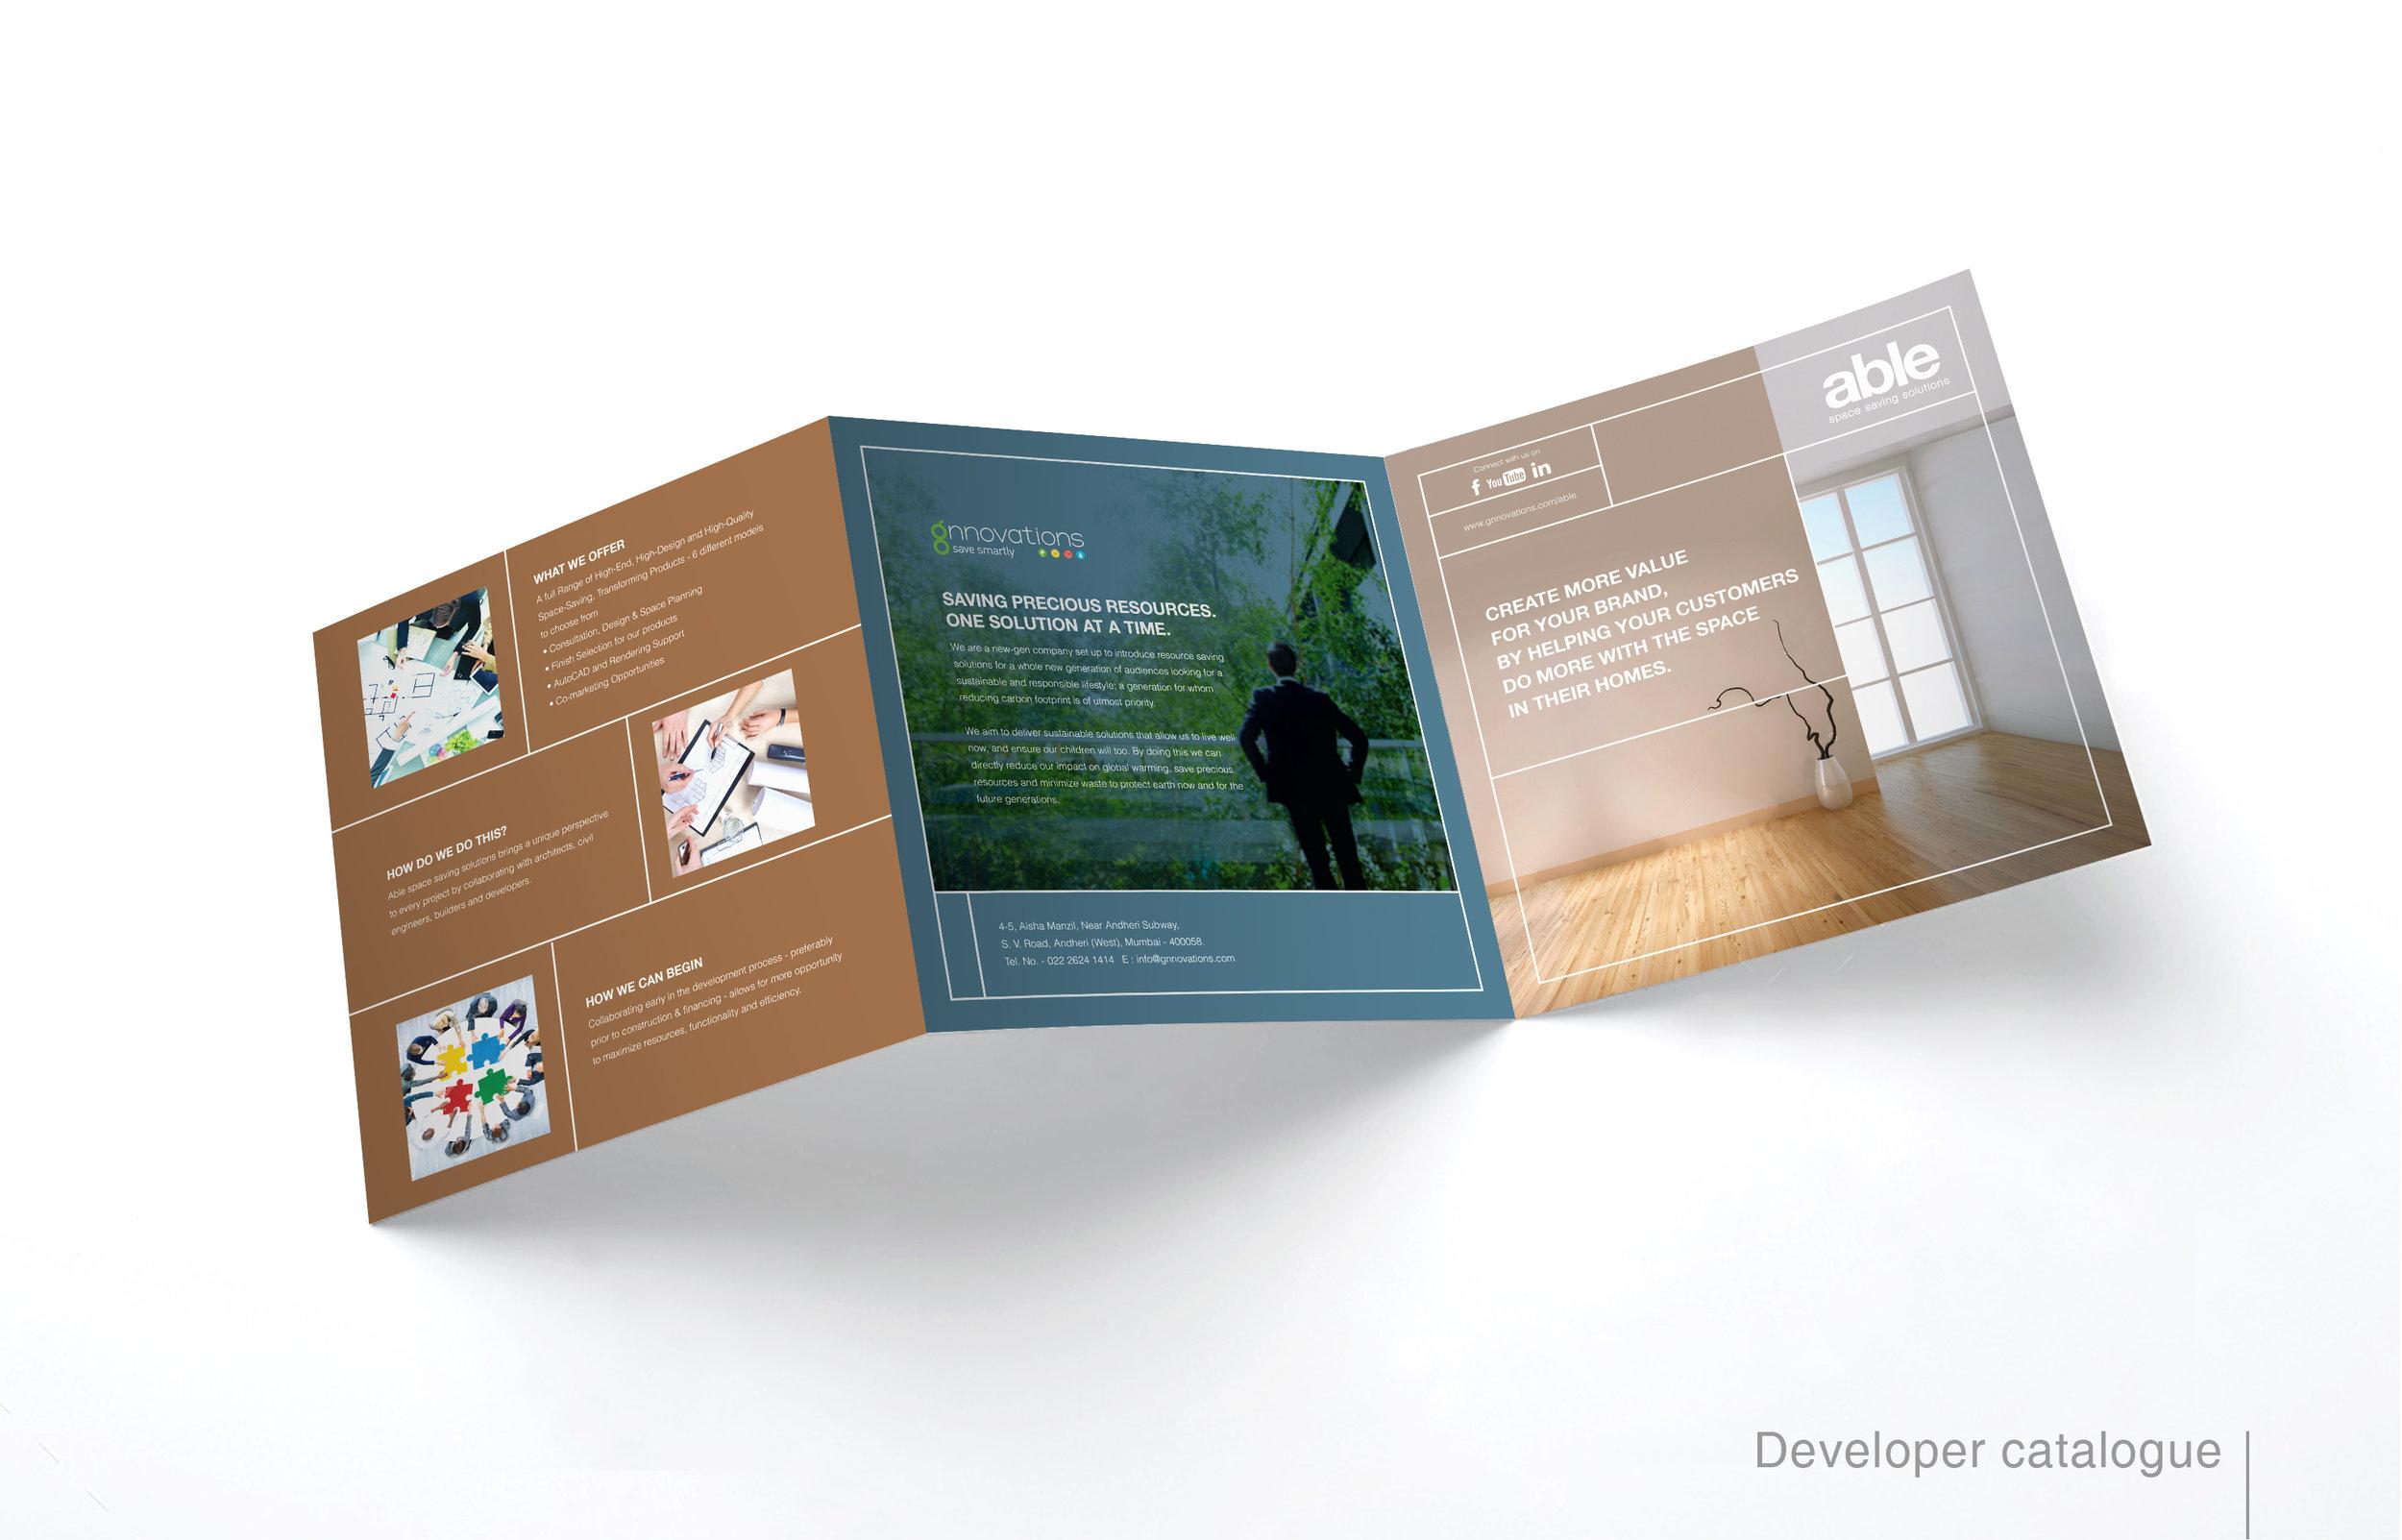 Developer catalogue 02.jpg